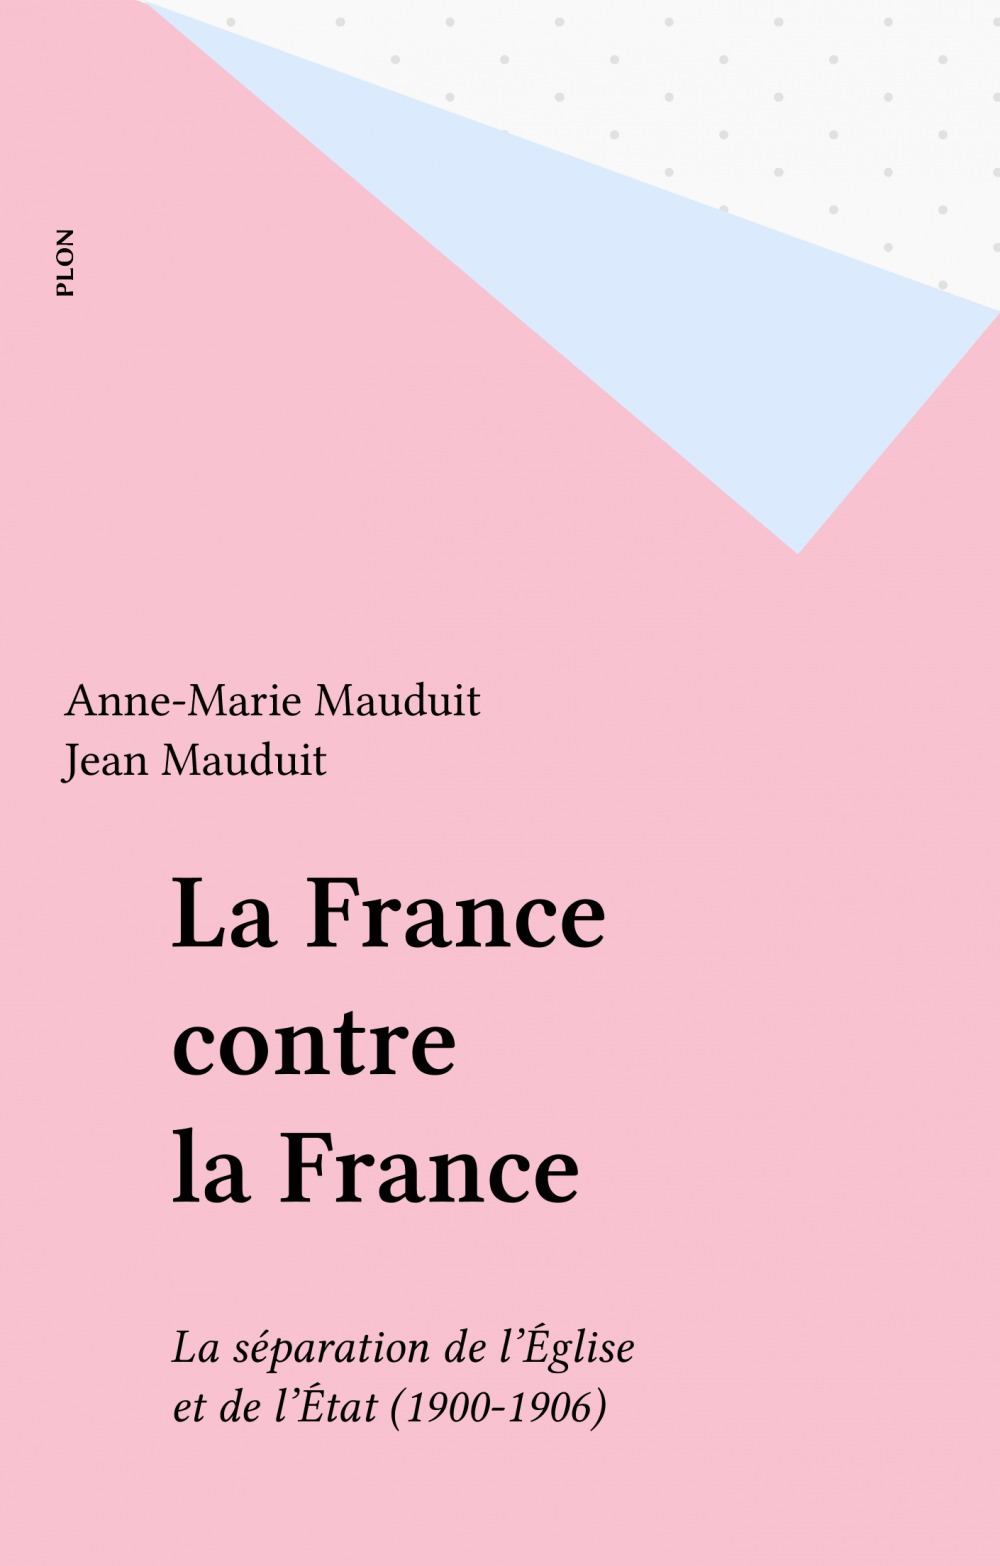 La France contre la France  - Mauduit/Amj  - Jean Mauduit  - Anne-Marie Mauduit